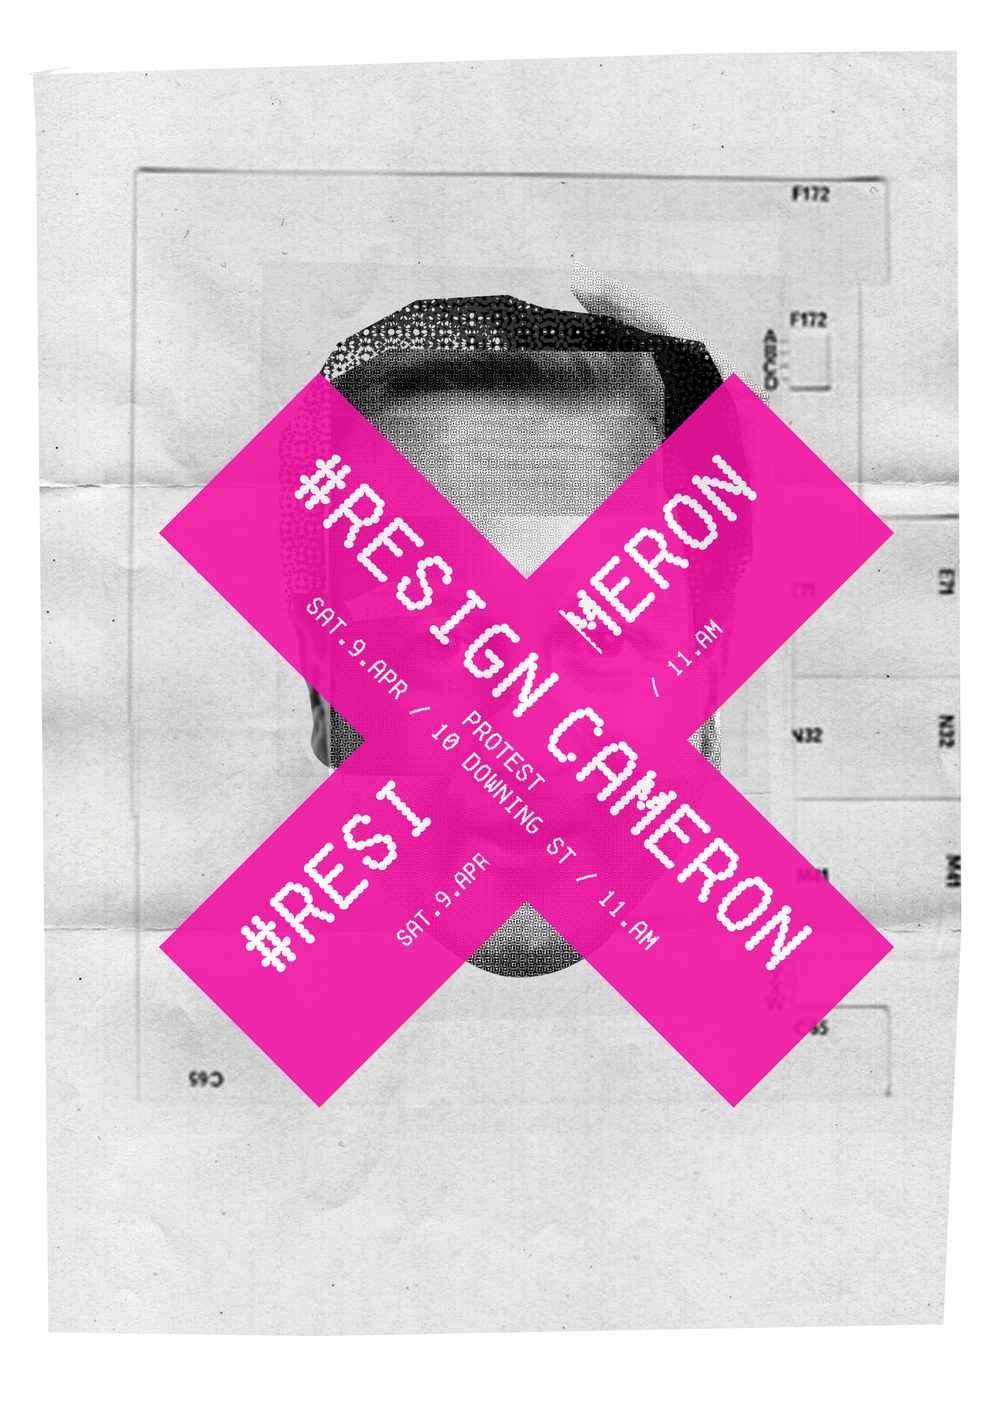 RESIGNCAMERON-pink.jpg